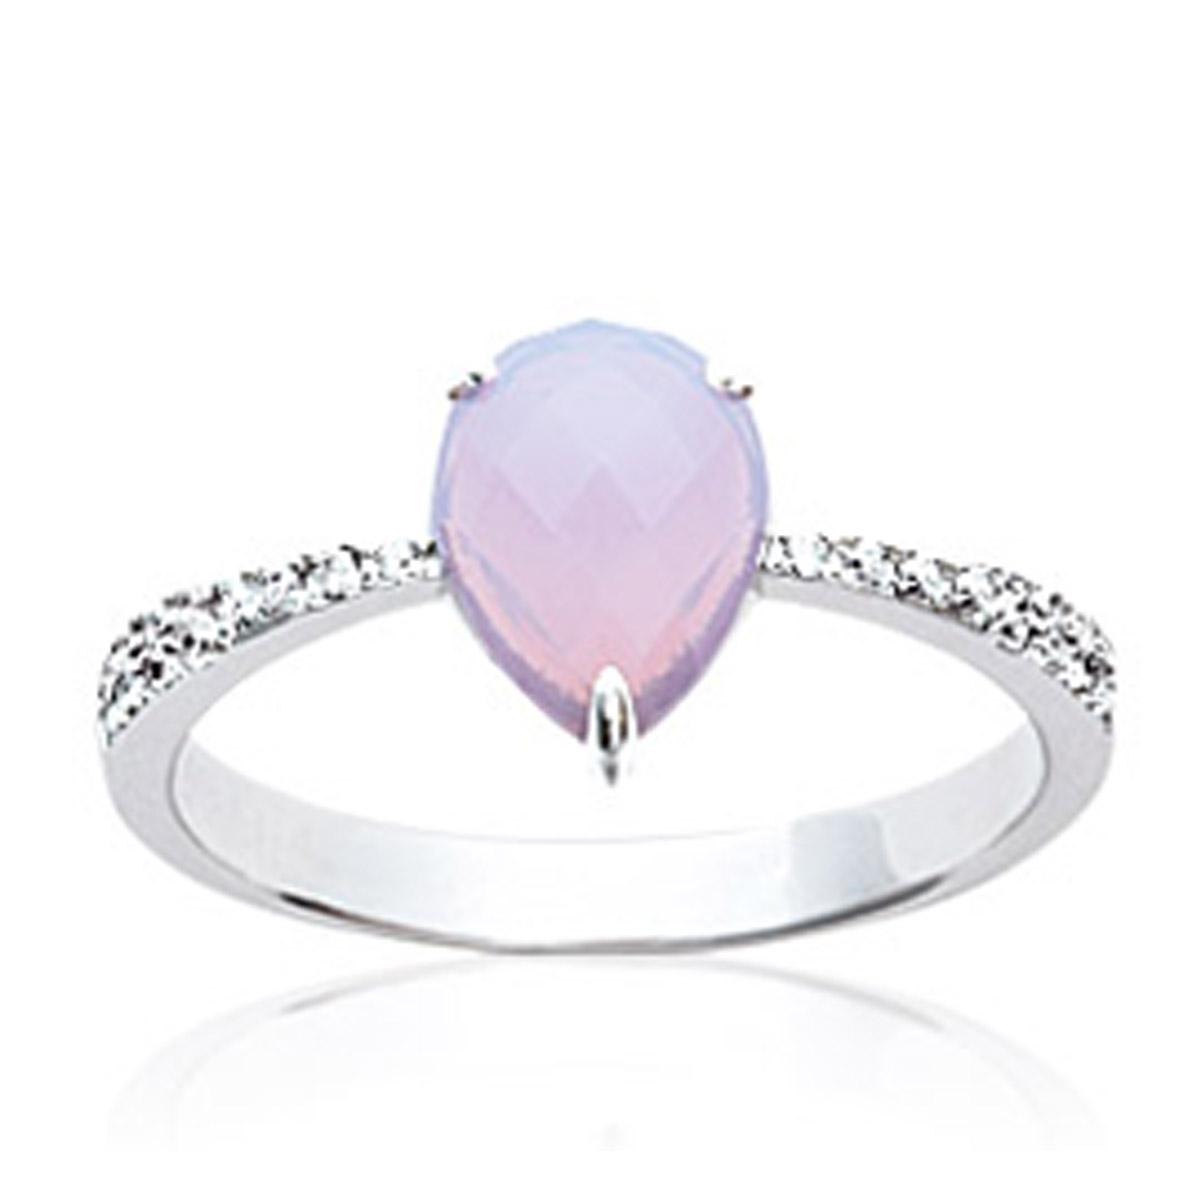 Bague Argent \'Princesse Opale\' rose opalescent blanc argenté (rhodié) - 10x7 mm - [P0635]